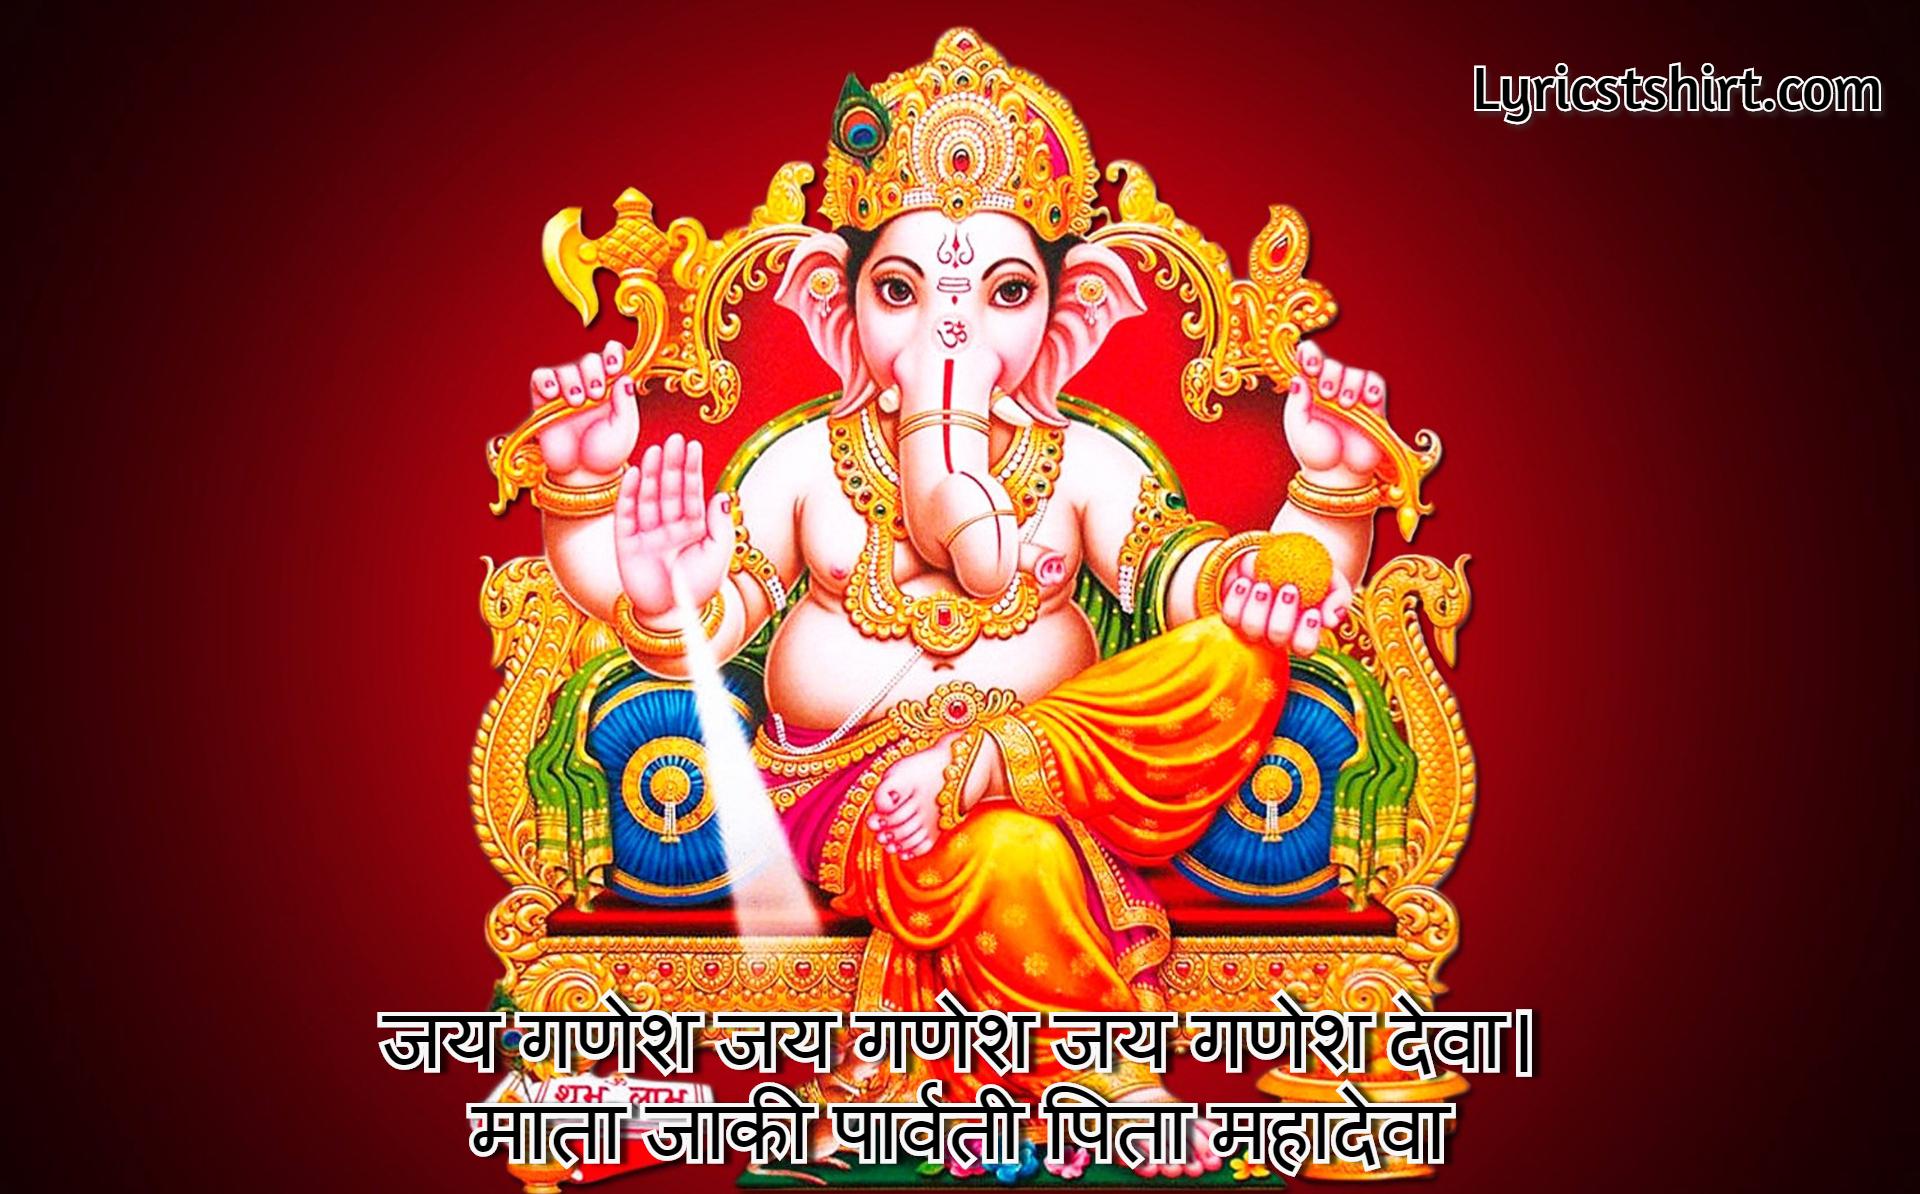 Shree Ganesh Aarti Lyrics in Hindi